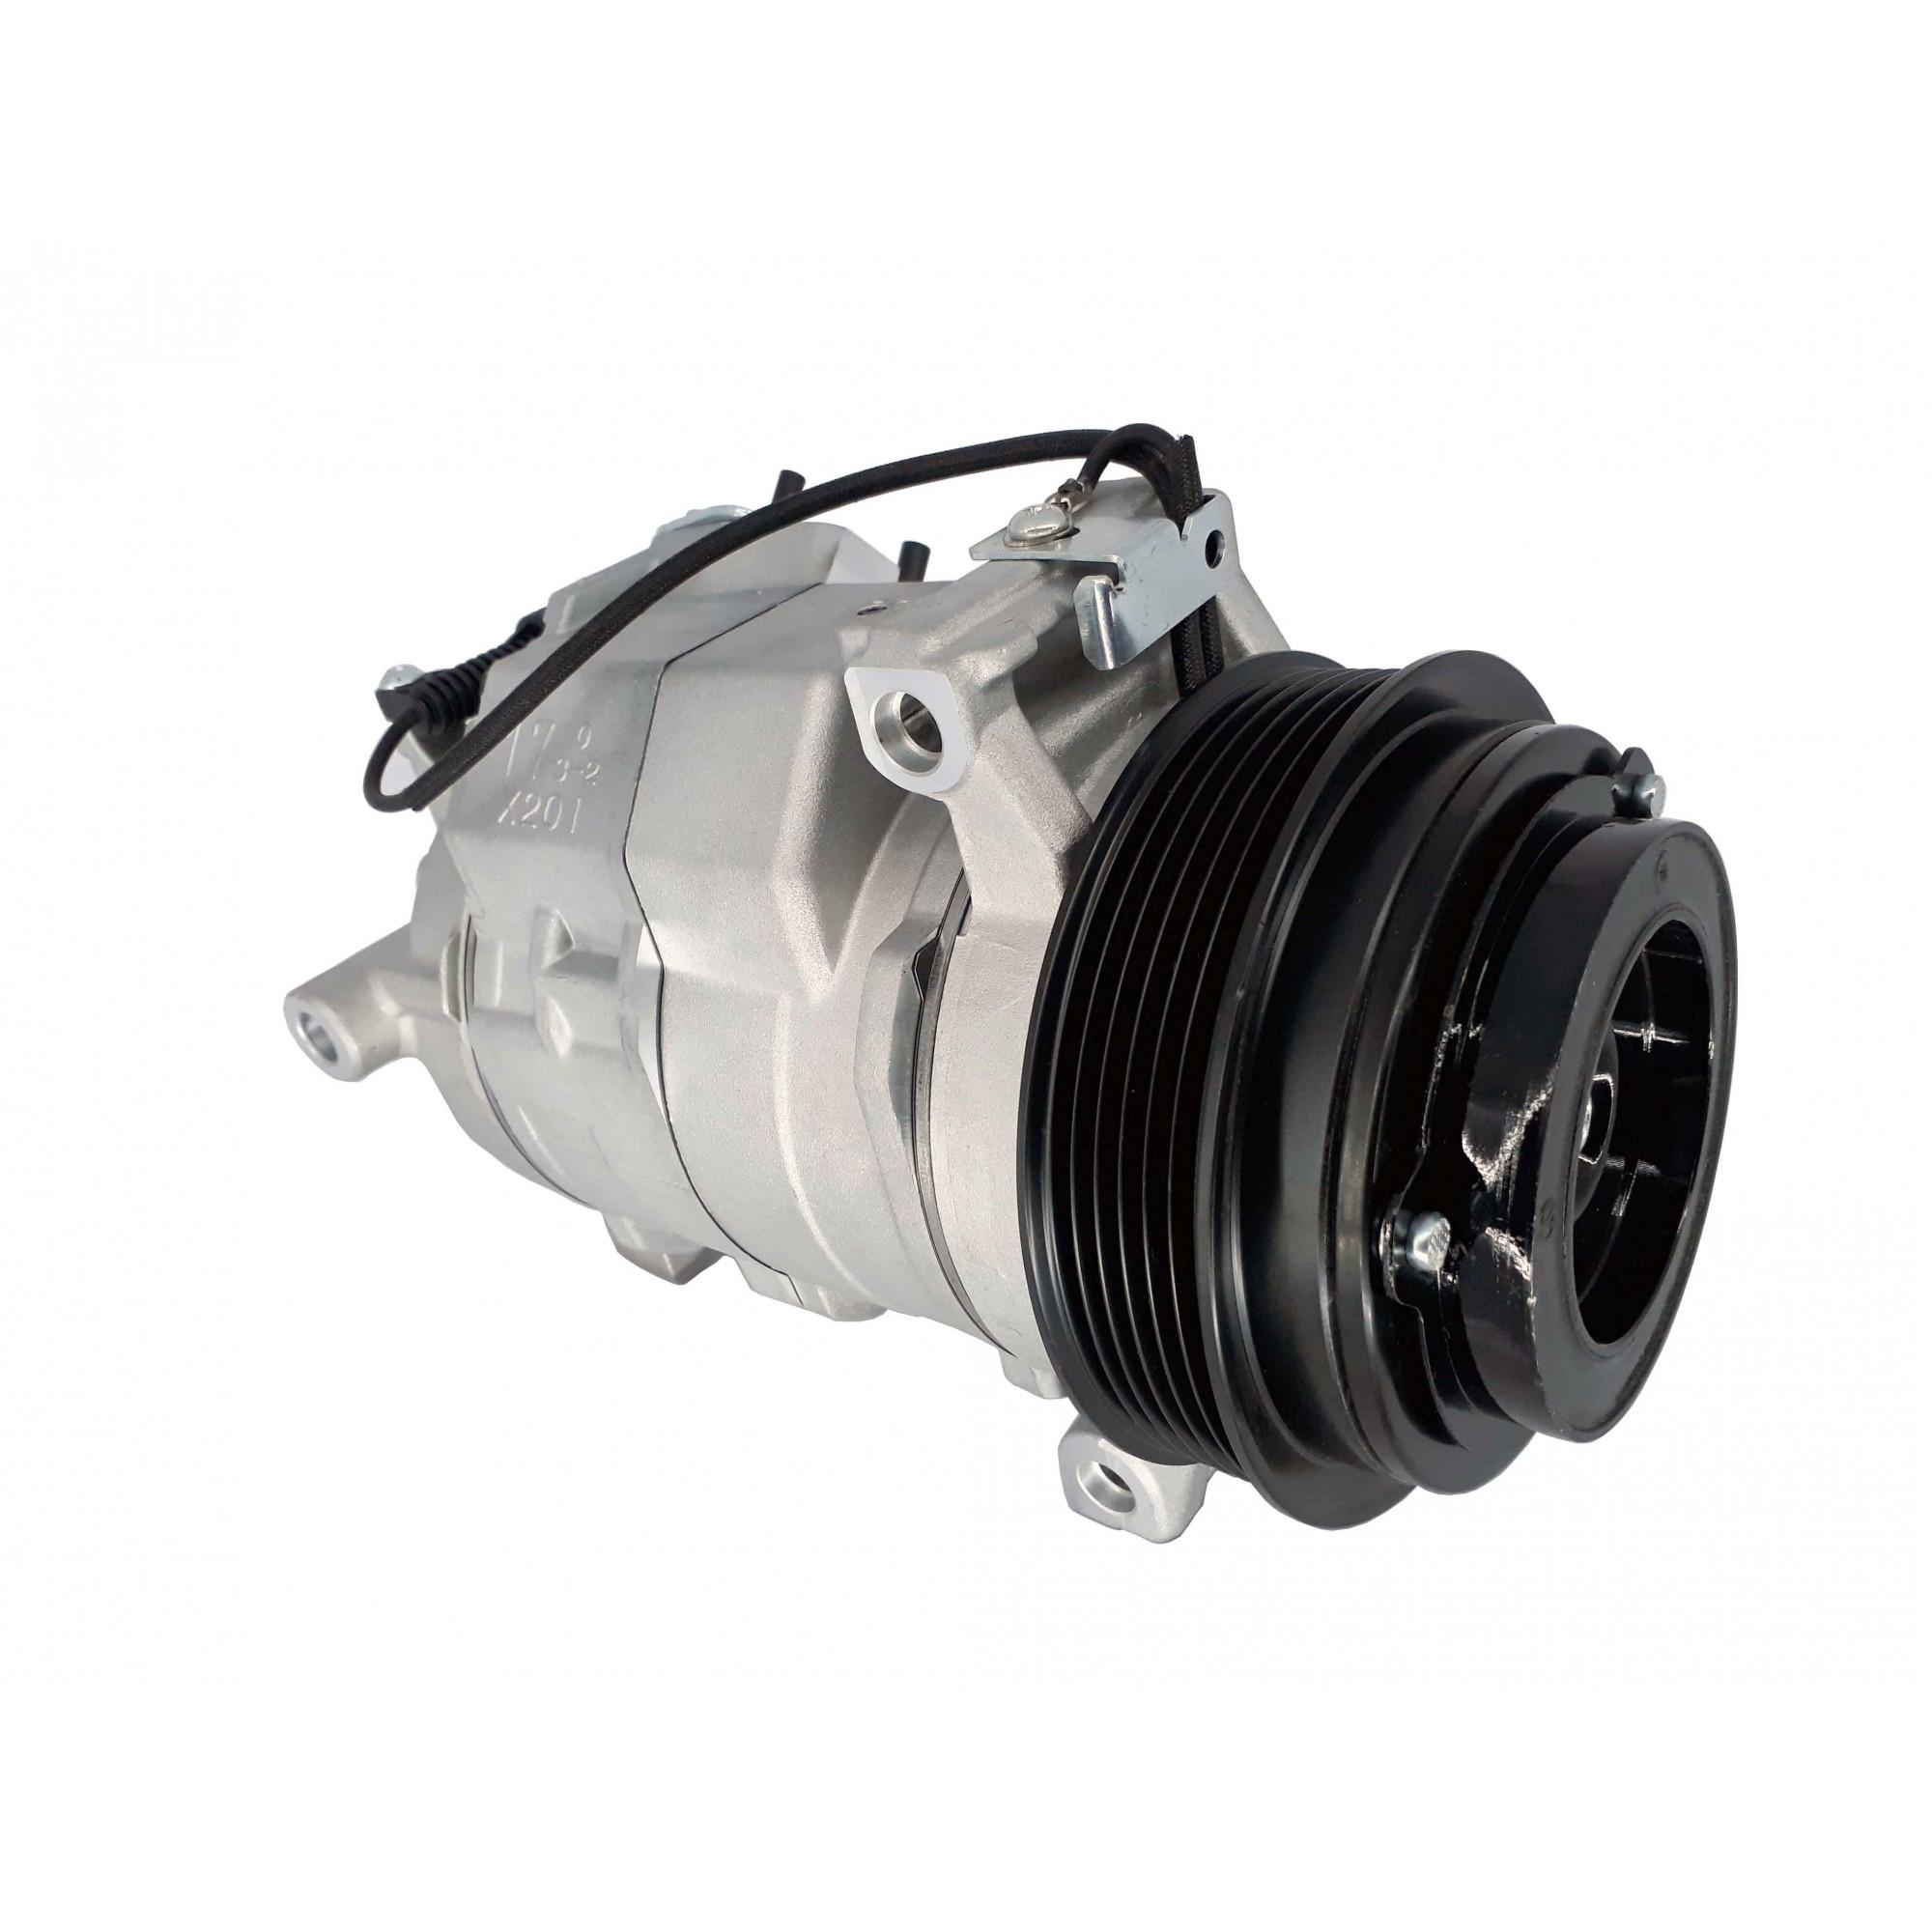 Compressor Sprinter 10s17c 313/413 - Original DELPHI